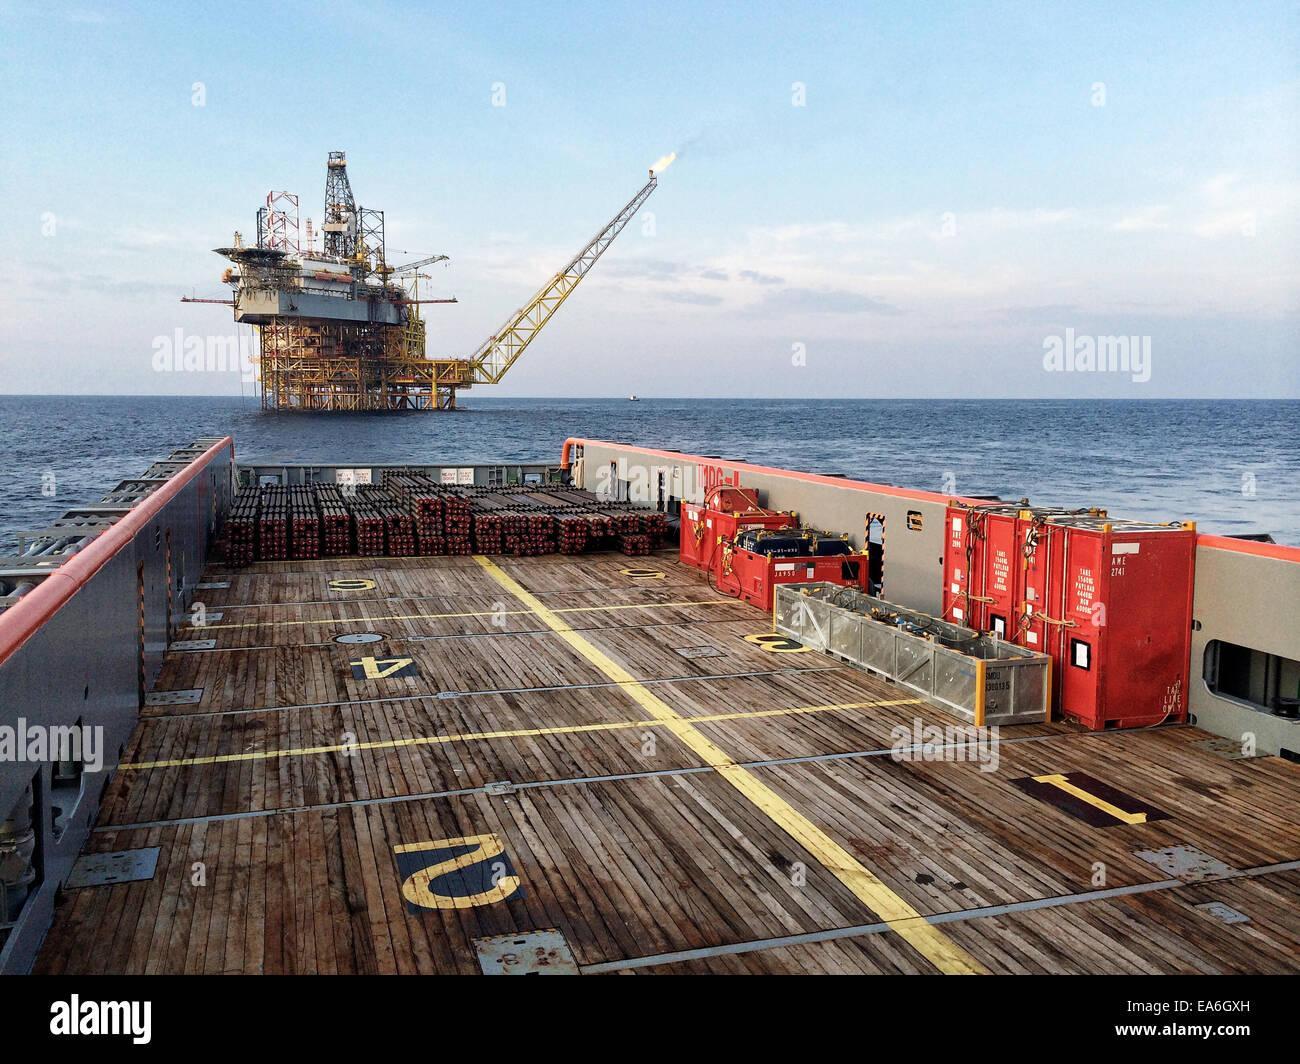 Transporte de carga a la plataforma de gas y petróleo por buque offshore Imagen De Stock